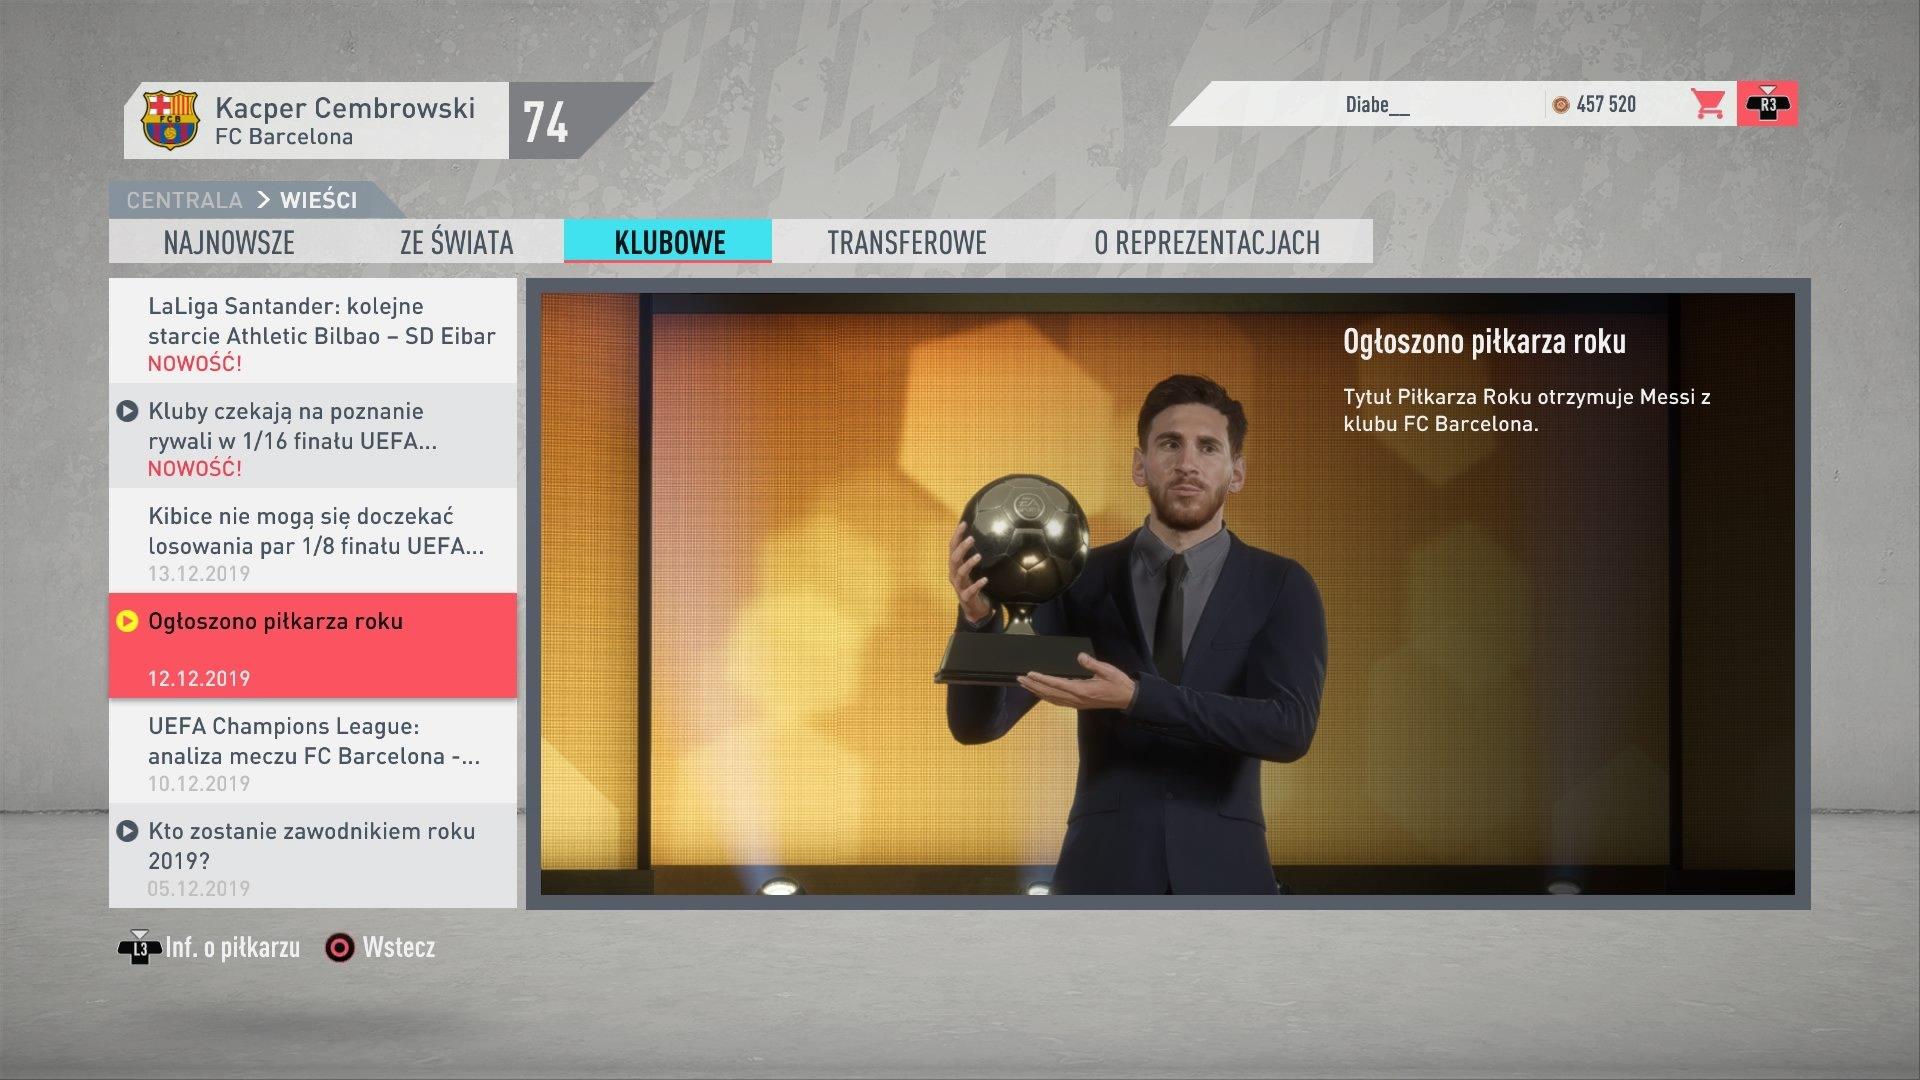 FIFA 20 Kariera w menu 11